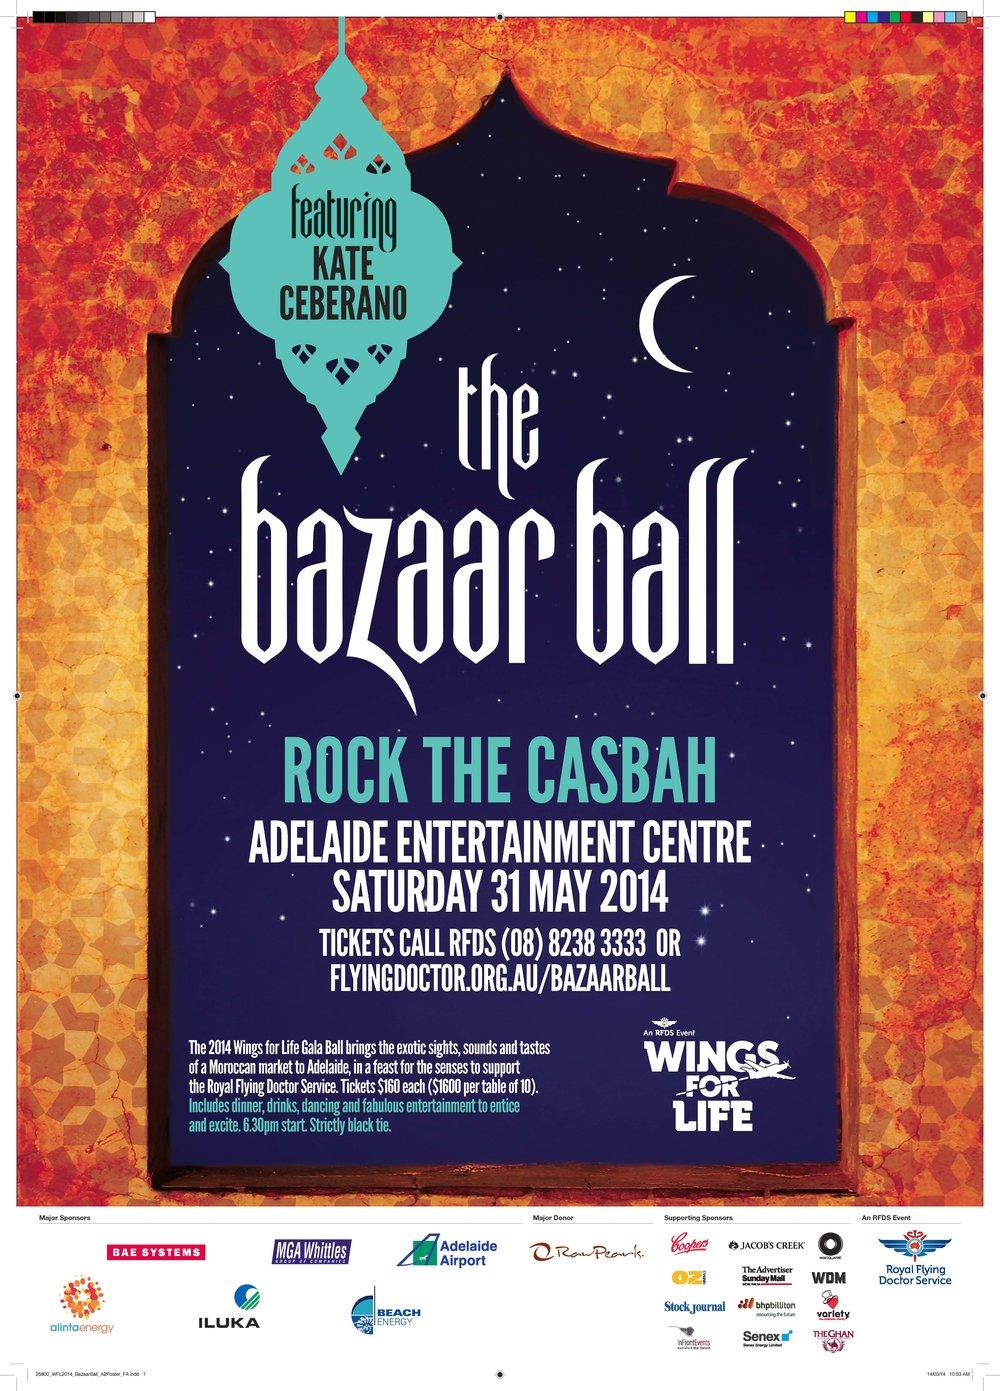 140314_Events_WFL Ball 2014_A2 Poster_The Bazaar Ball_ FINAL ARTWORK.jpg